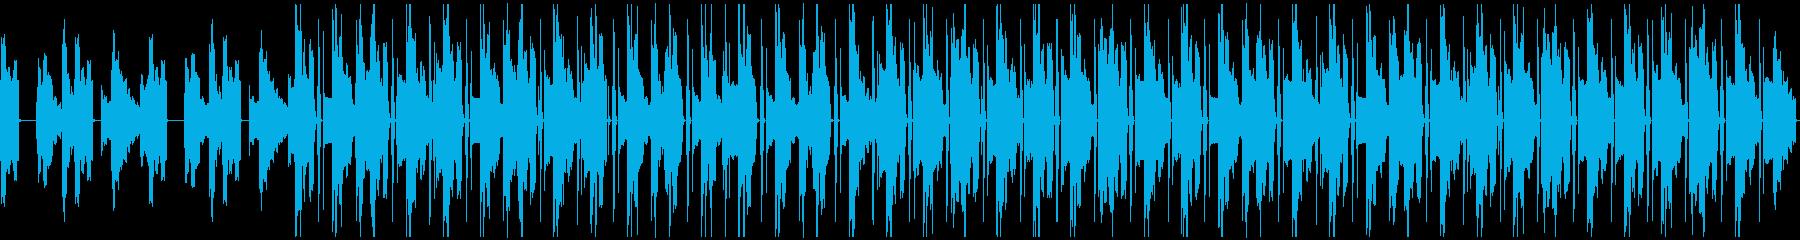 エレピ Lo-fi HipHopの再生済みの波形